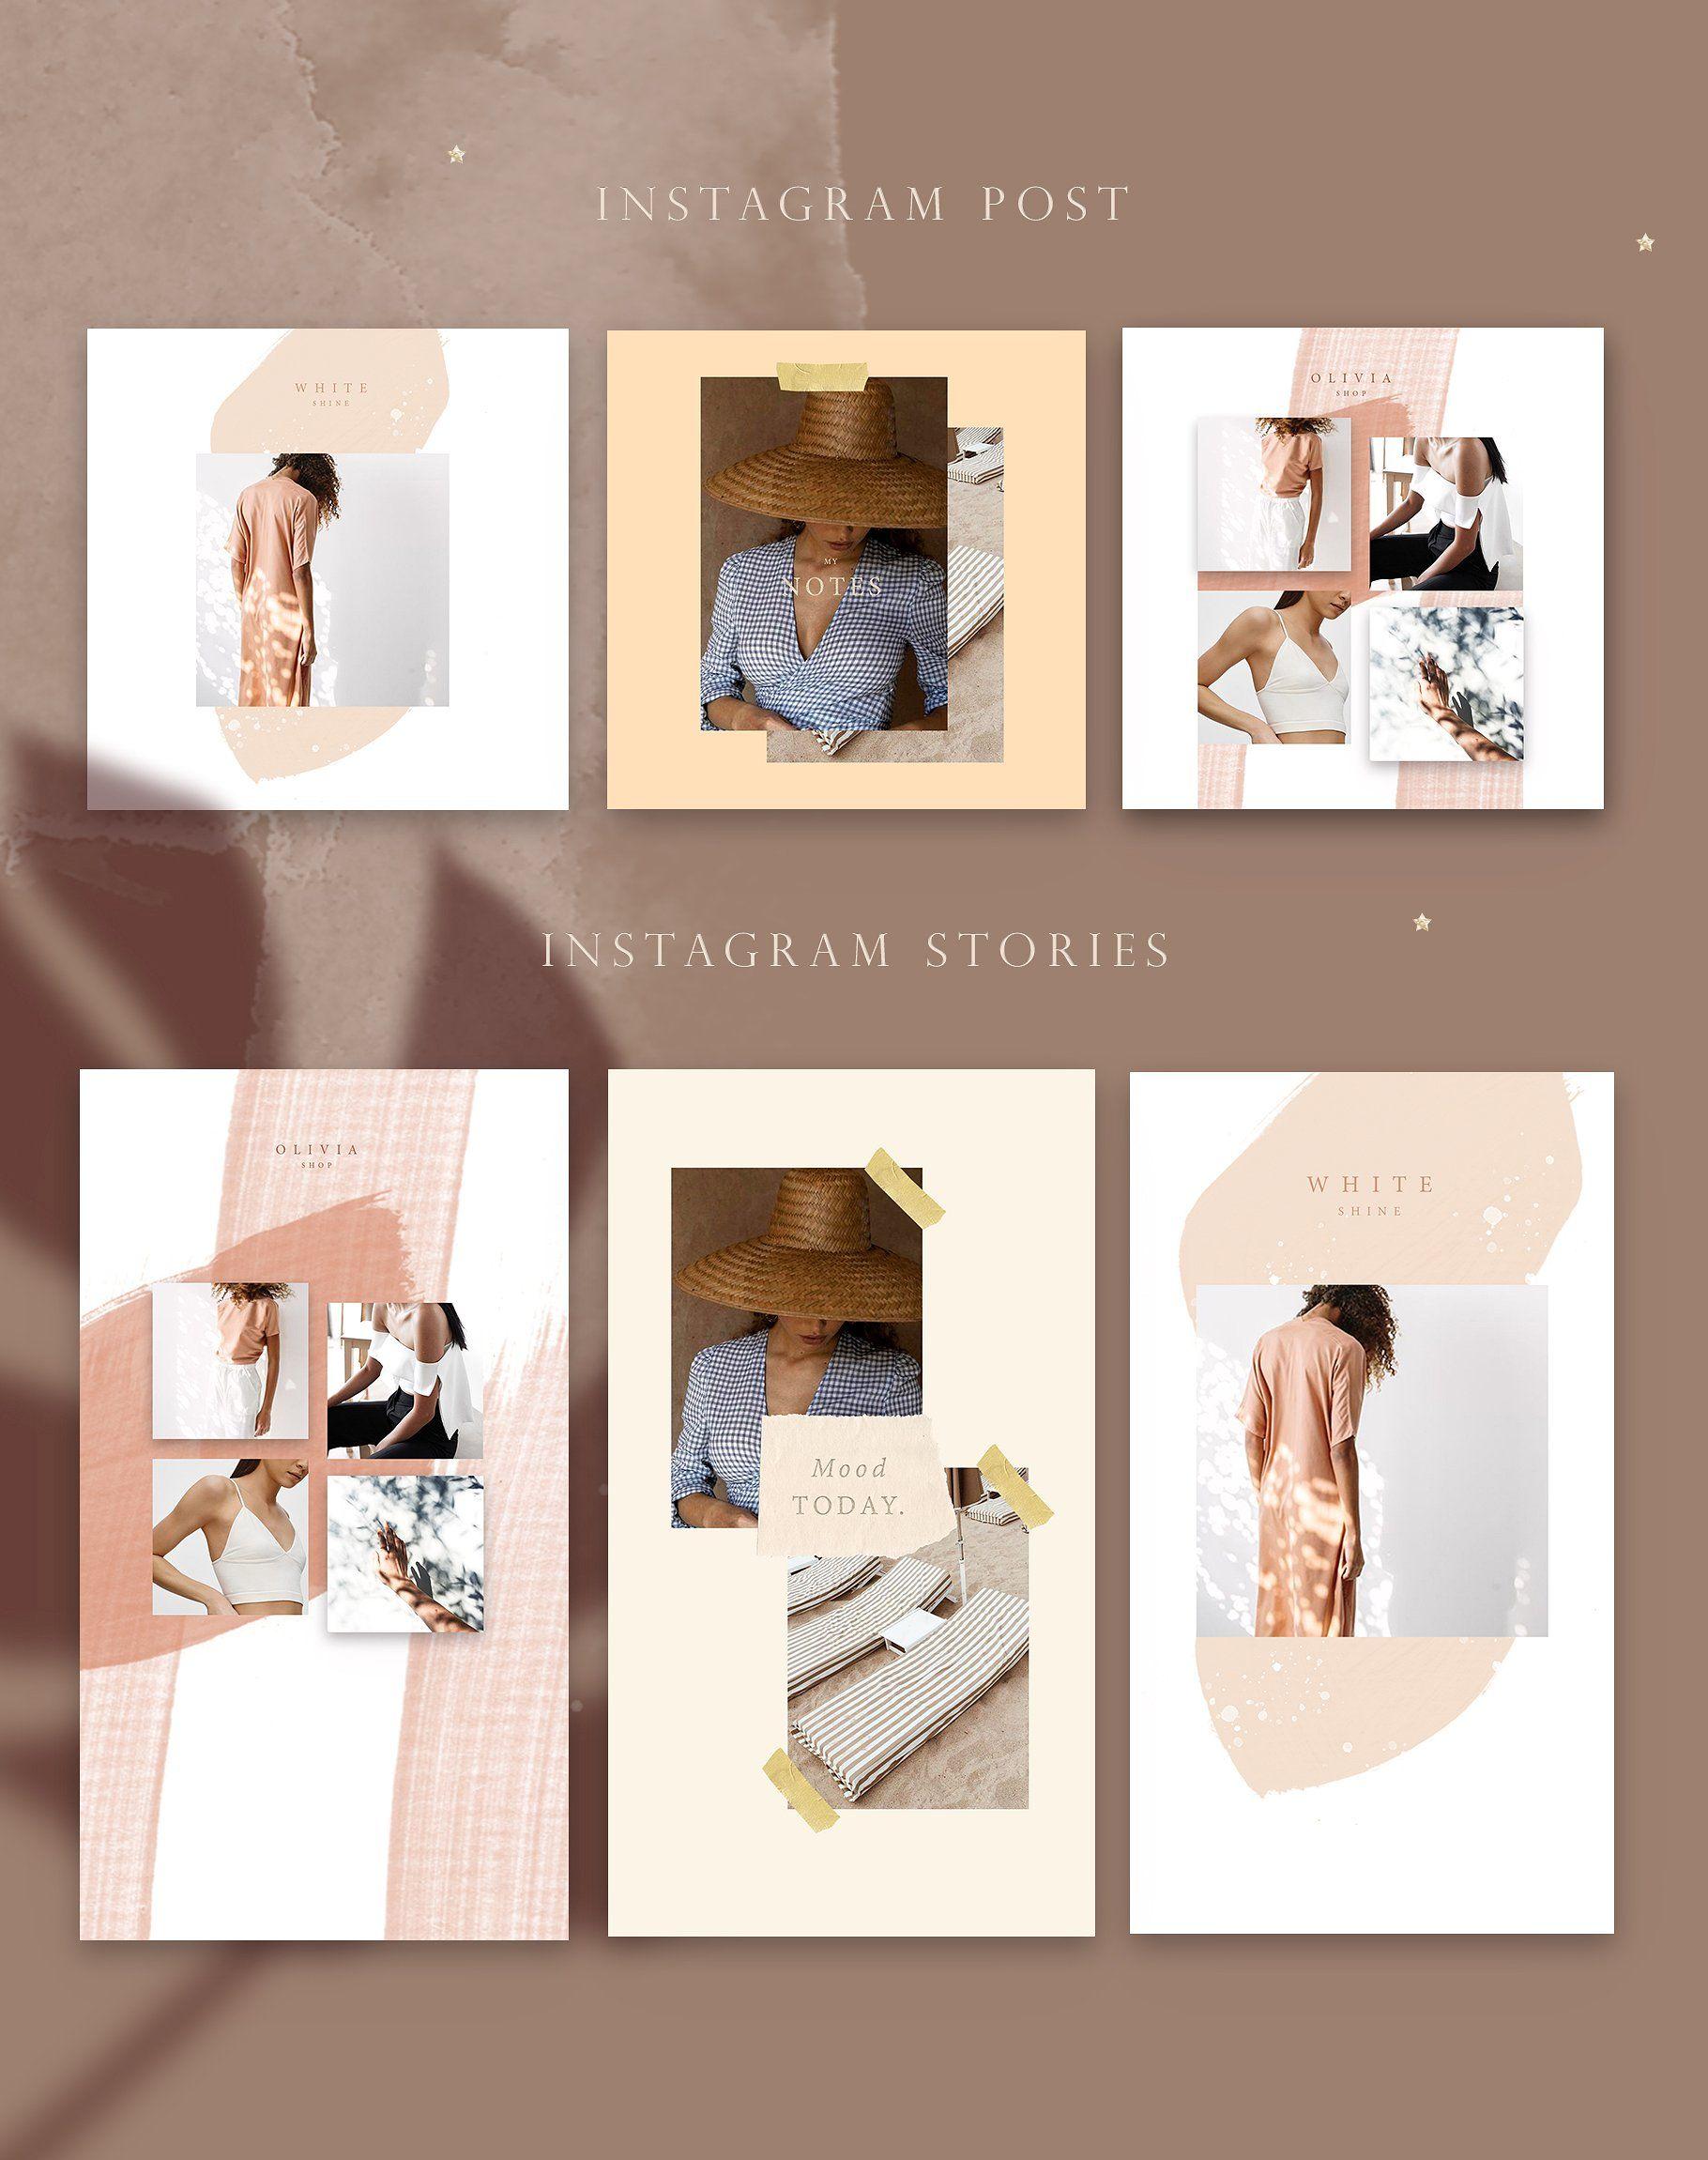 Modern Animated Stories Post Instagram Template Design Instagram Design Portfolio Design Layout